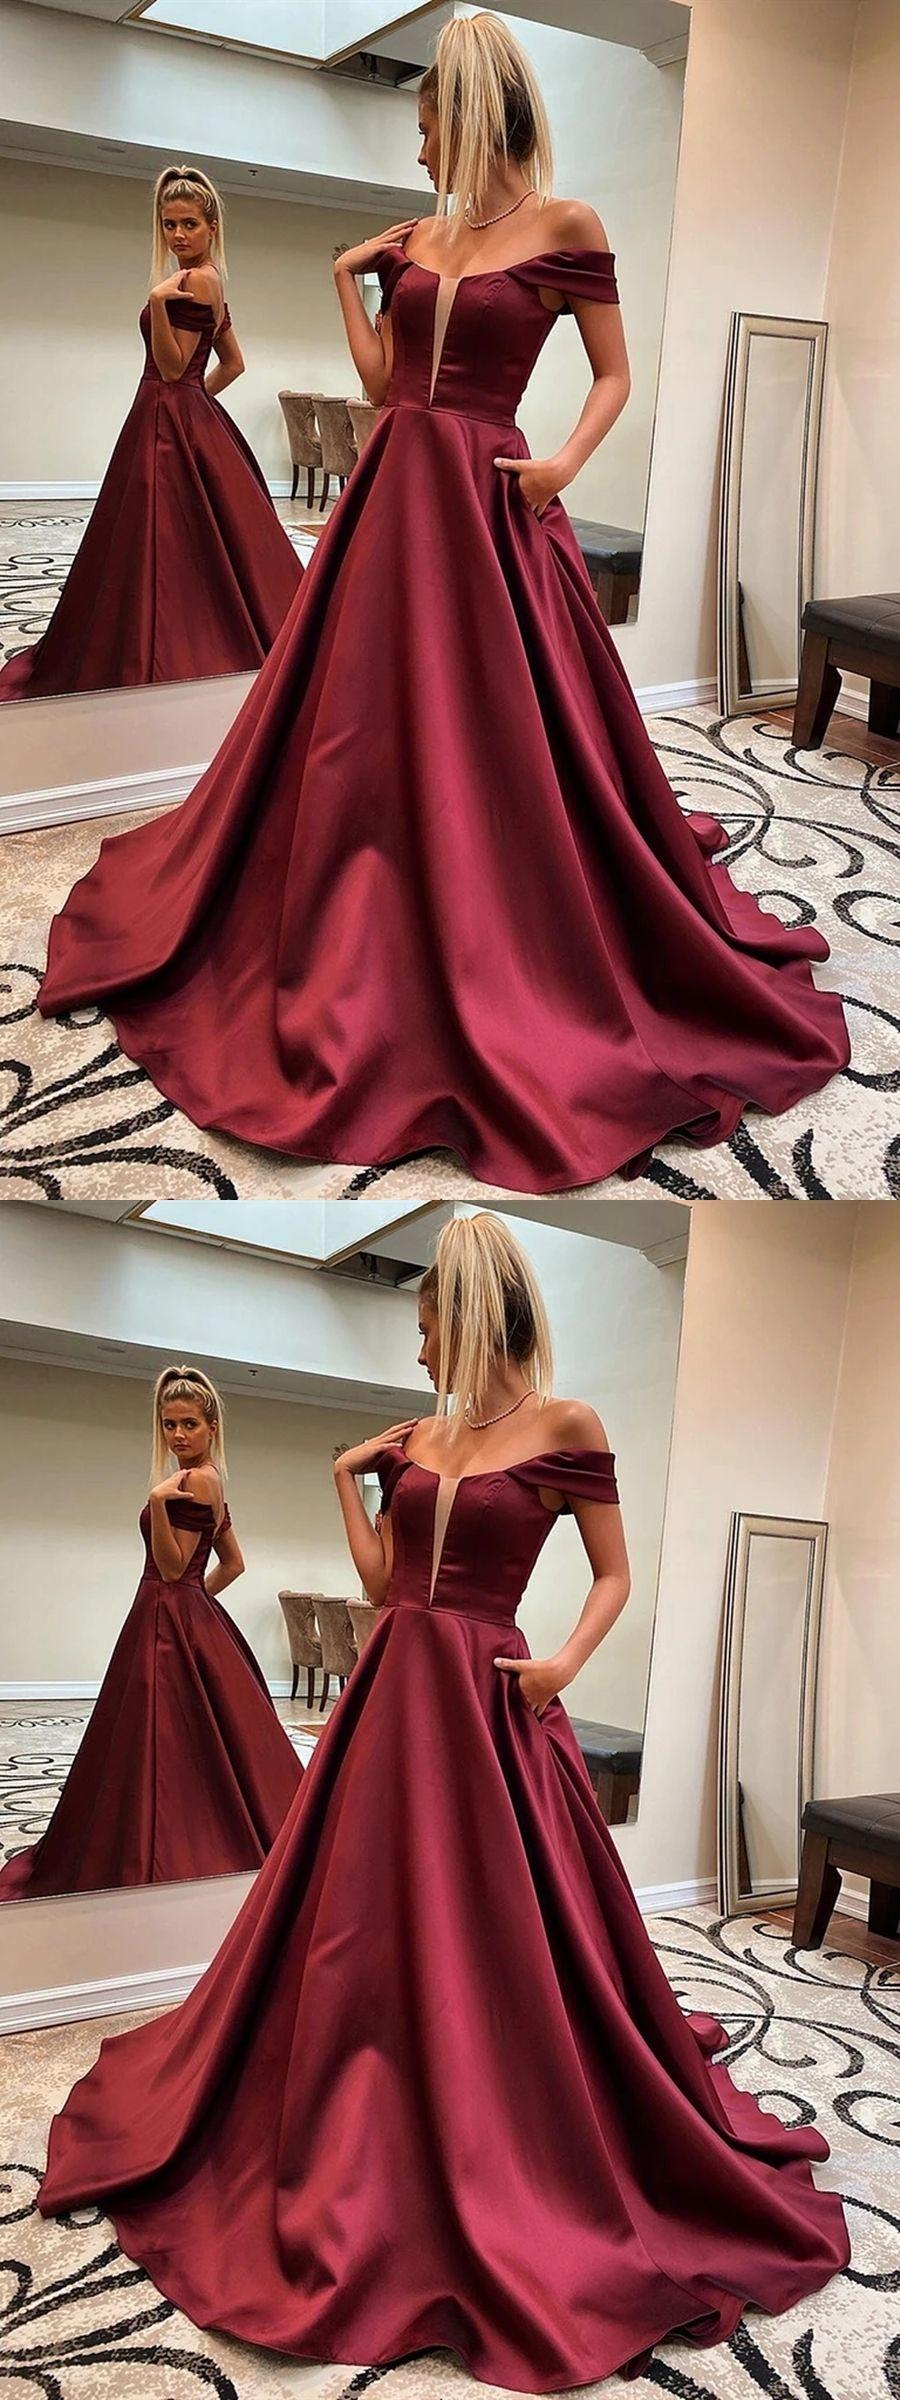 Custom Made Off Shoulder Burgundy Long Prom Dresses With Pocket Off Shoulder Maroon Formal Dresses Wine Red Evening Dresses In 2021 Prom Dresses With Pockets Burgundy Prom Dress Red Evening Dress [ 2400 x 900 Pixel ]